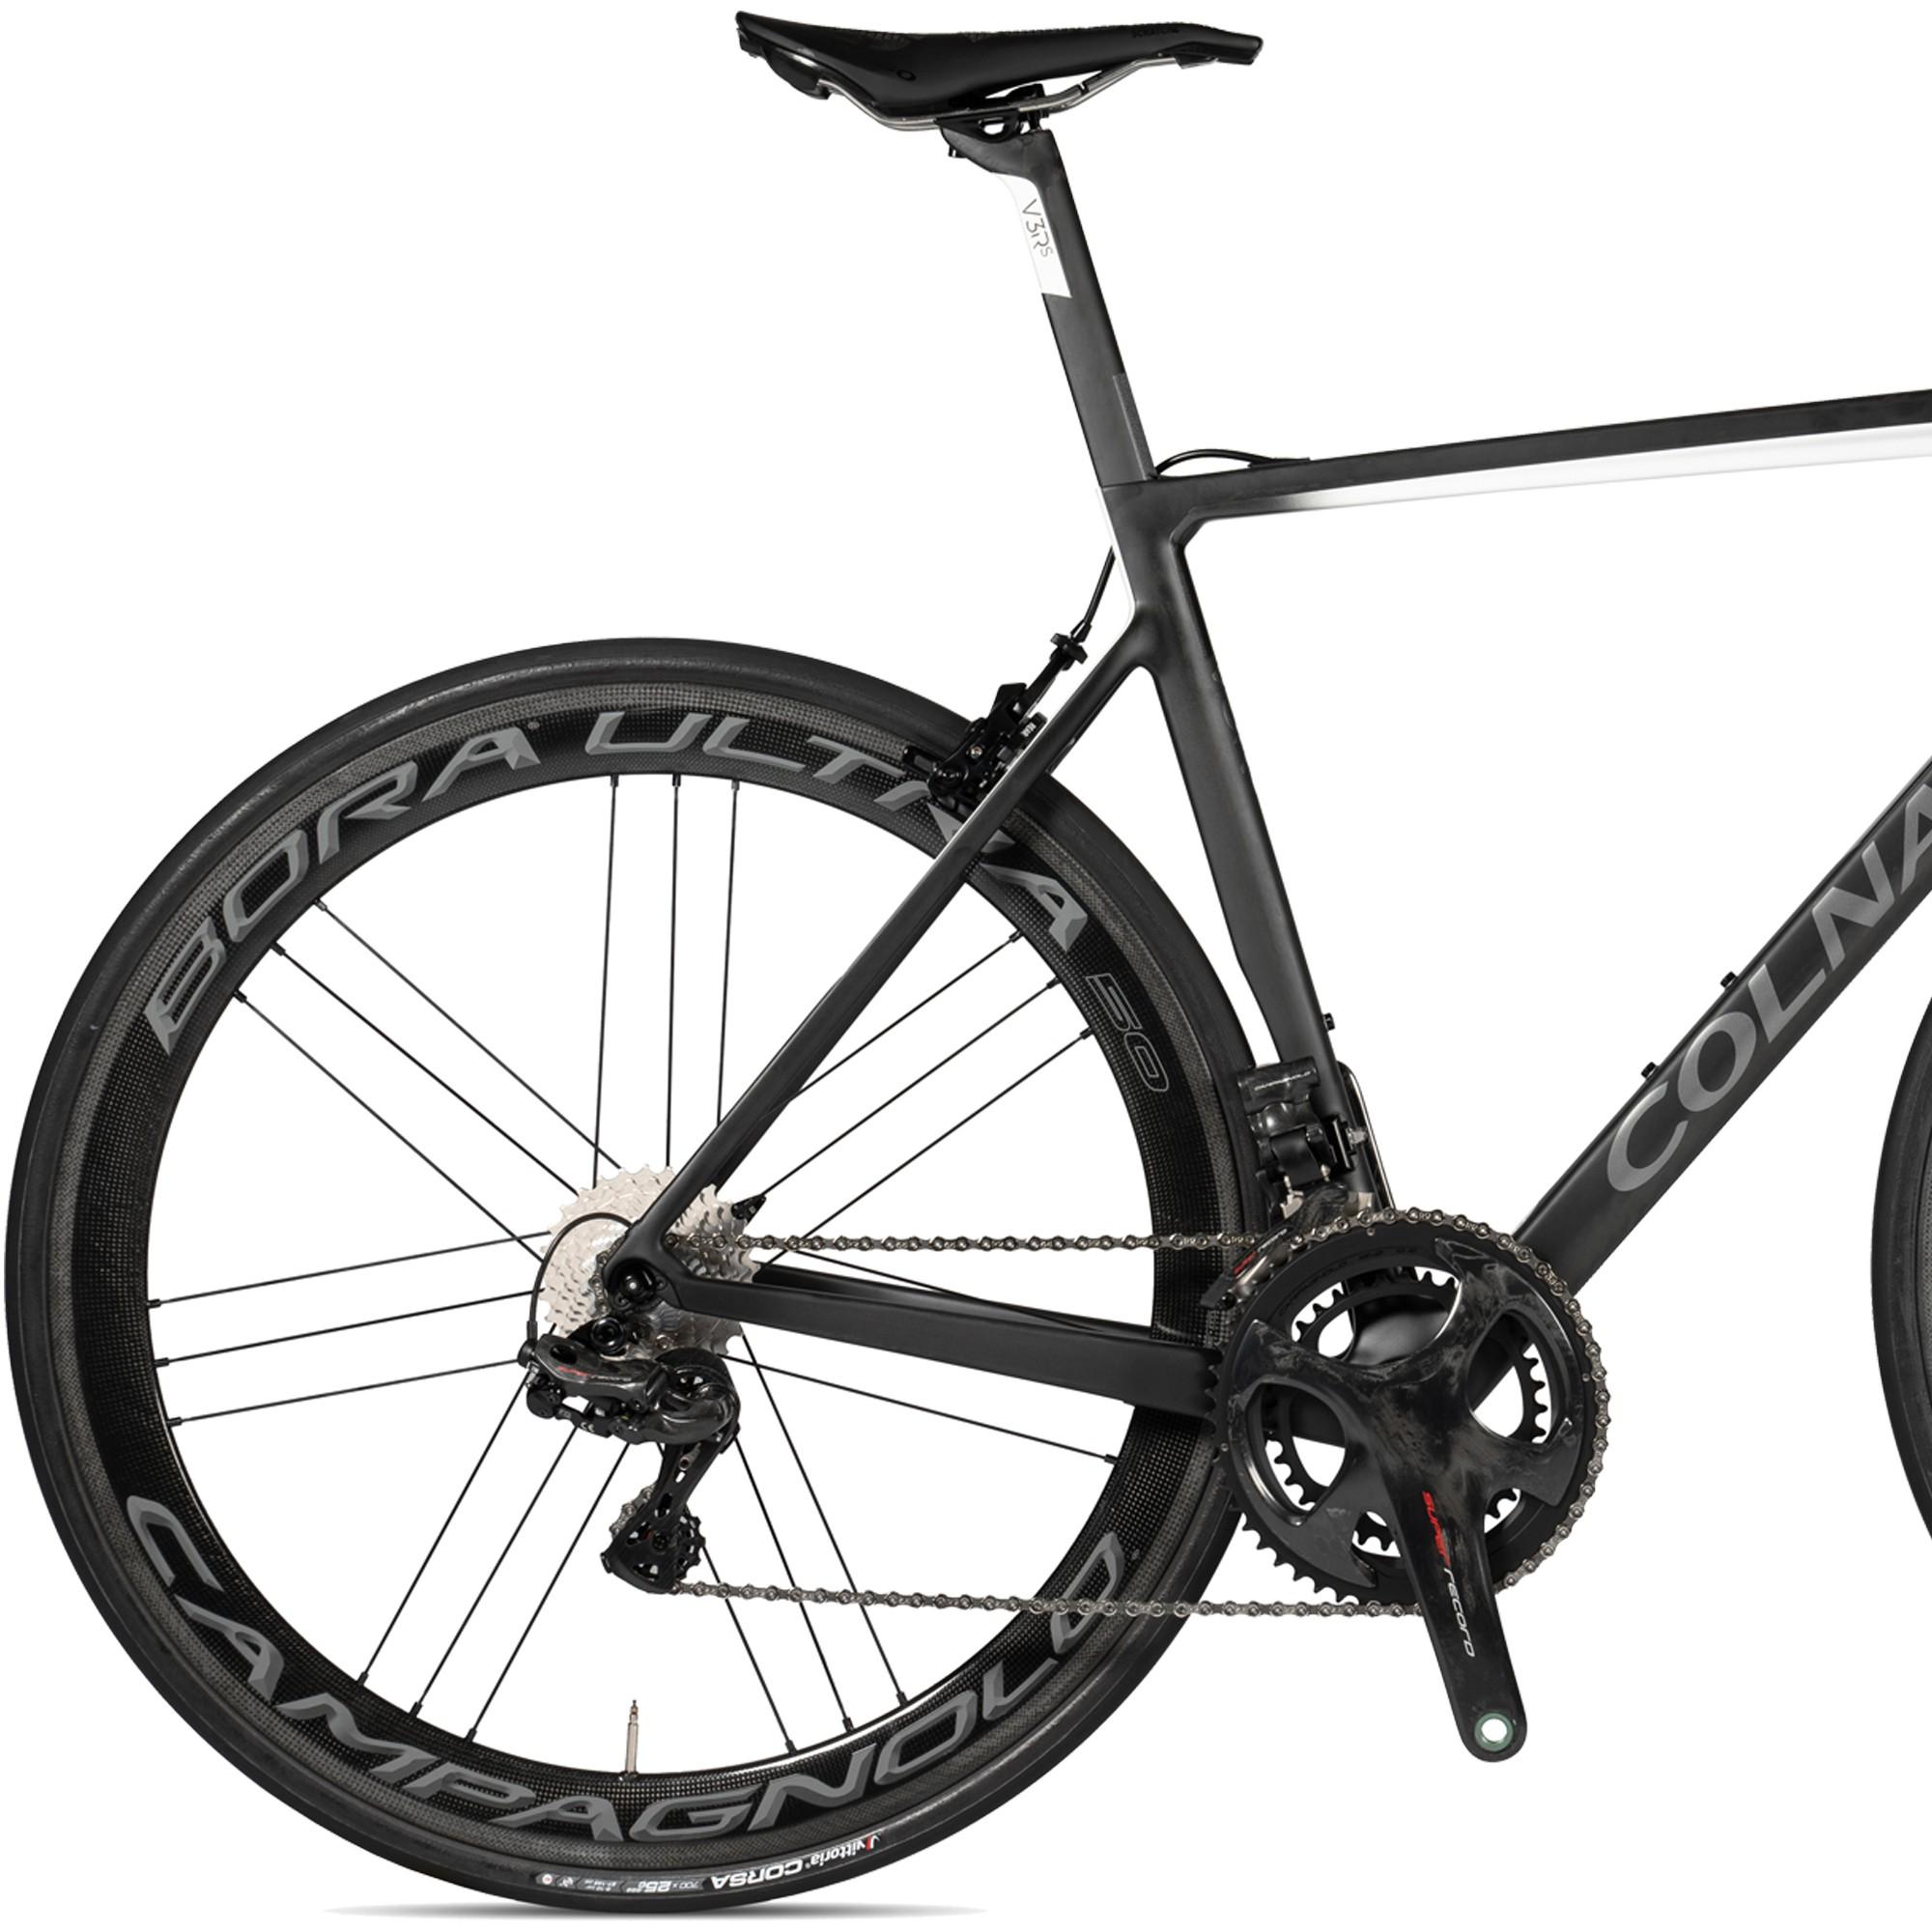 Colnago-V3R-S-Red-eTap-AXS-Disc-Road-Bike-2021-Fulcrum-Wind-40-1